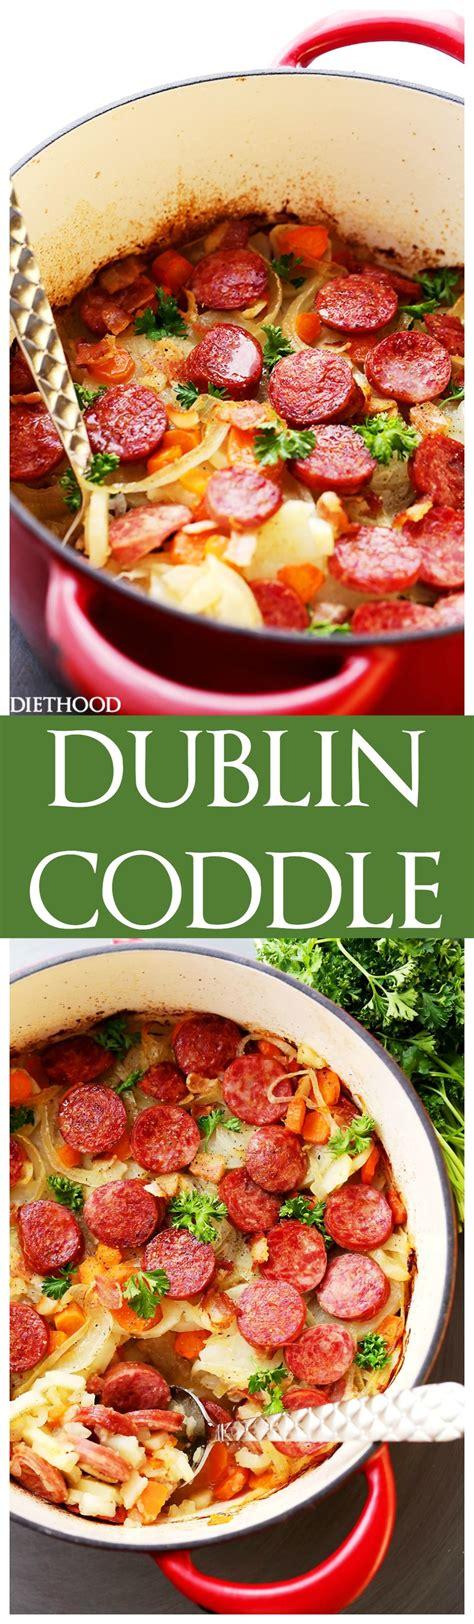 dublin coddle recipe  easy   delicious